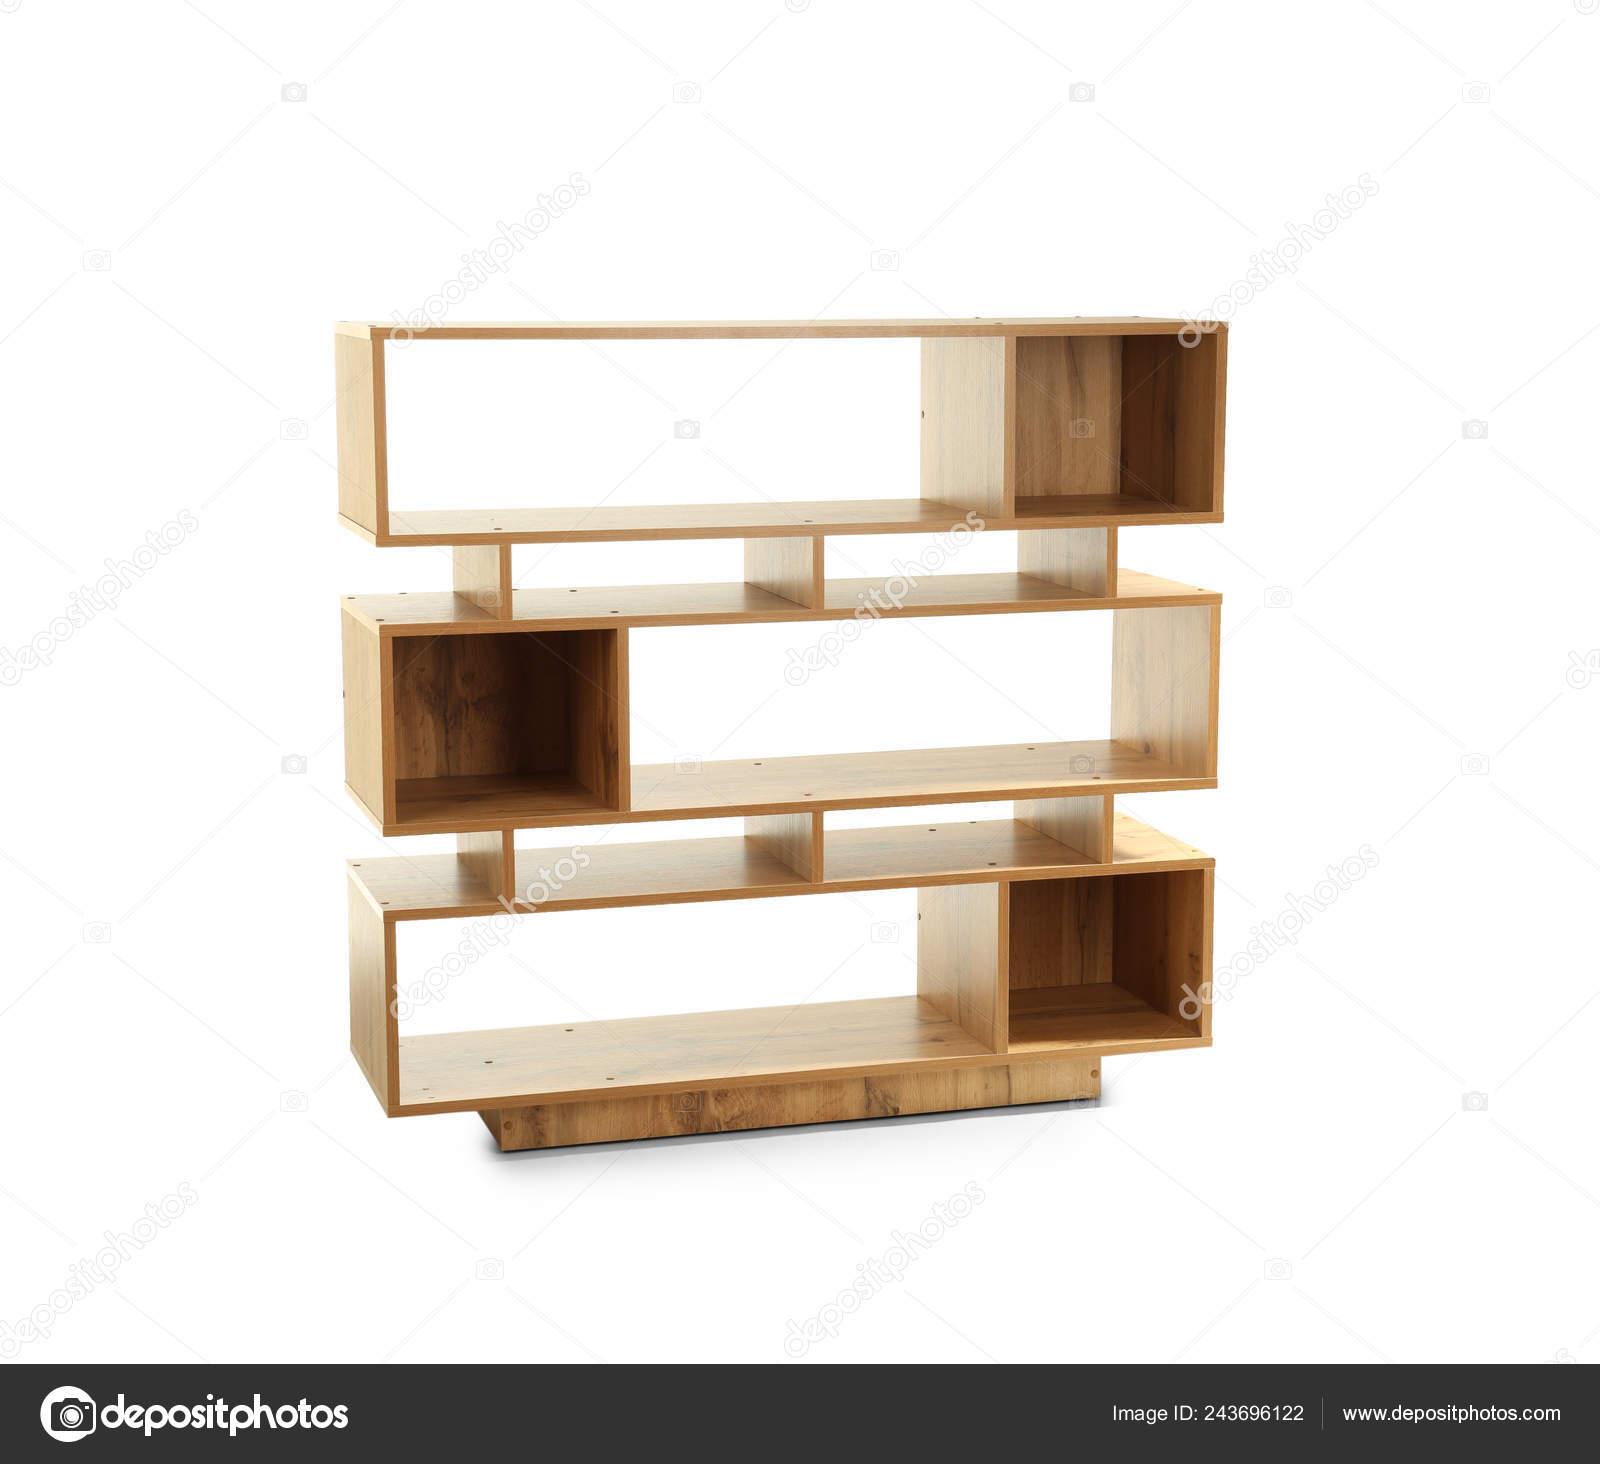 Wooden Shelf Unit White Background Stock Photo C Serezniy 243696122